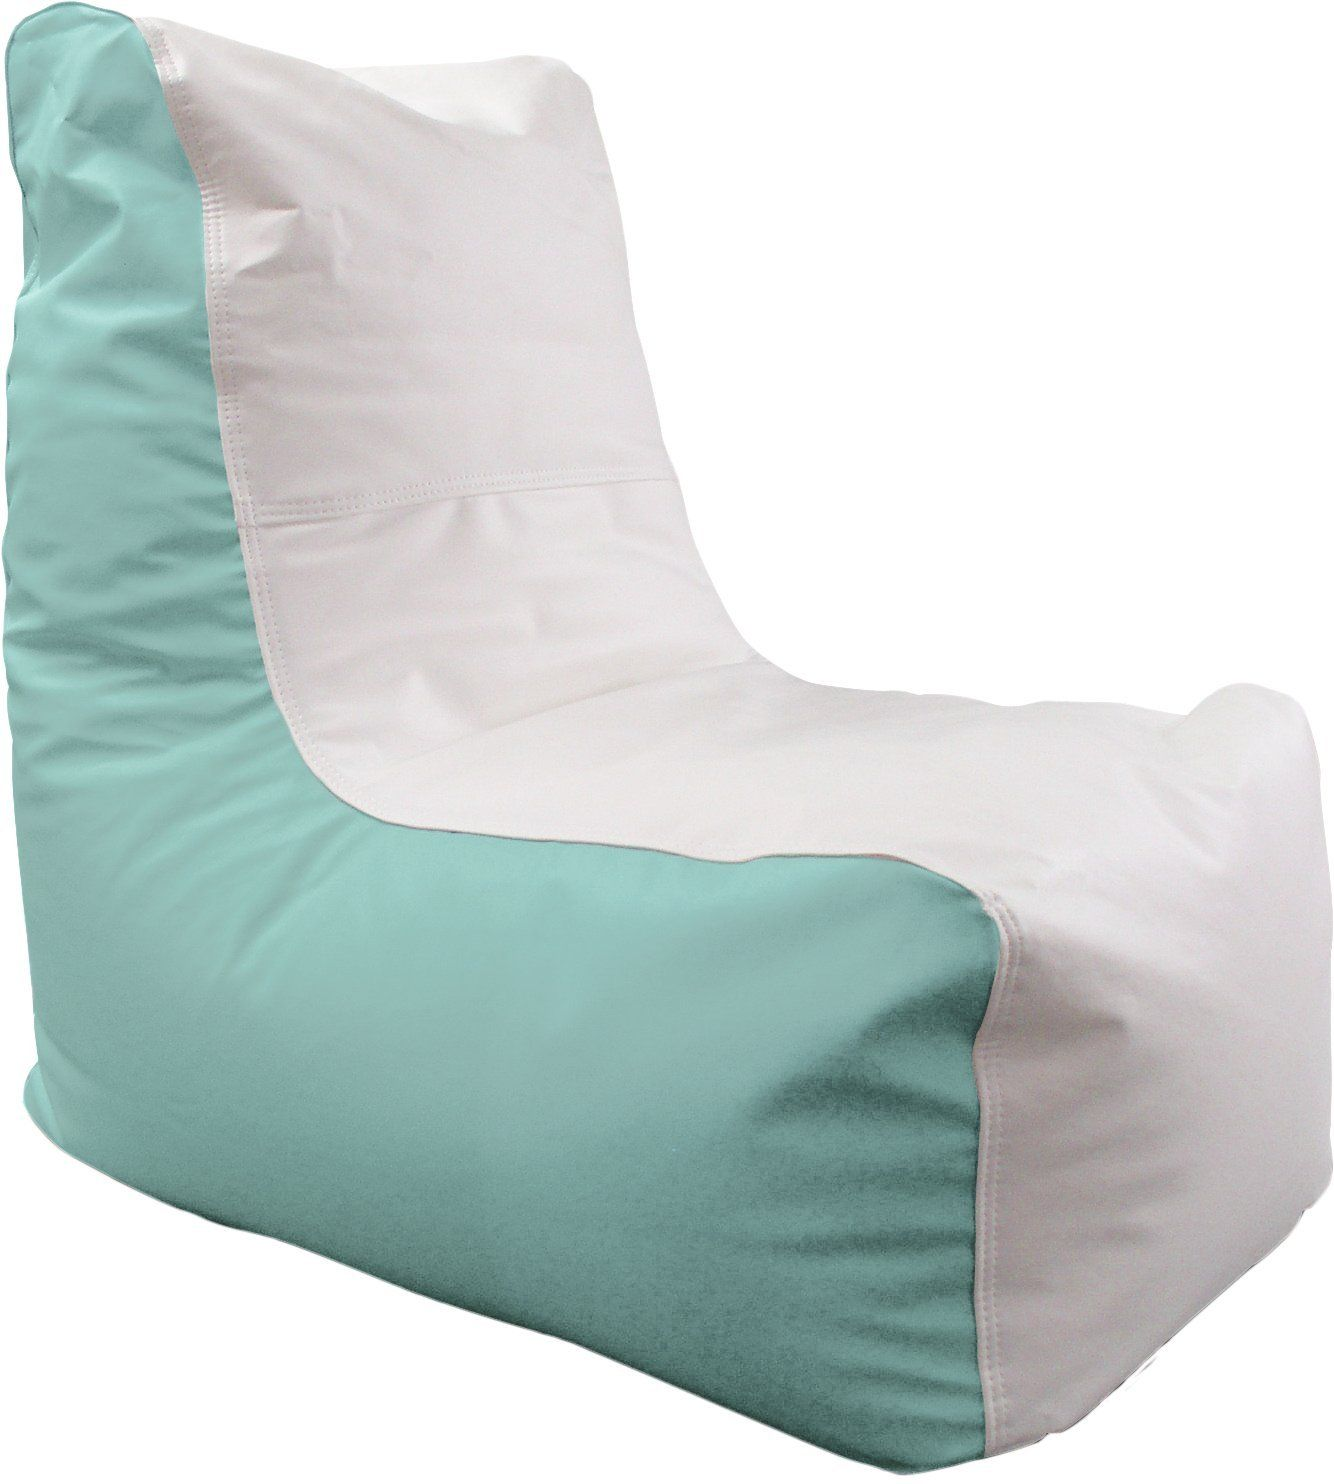 Groovy Oceantamer Small Wedge Marine Bean Bag White Seafoam For Inzonedesignstudio Interior Chair Design Inzonedesignstudiocom